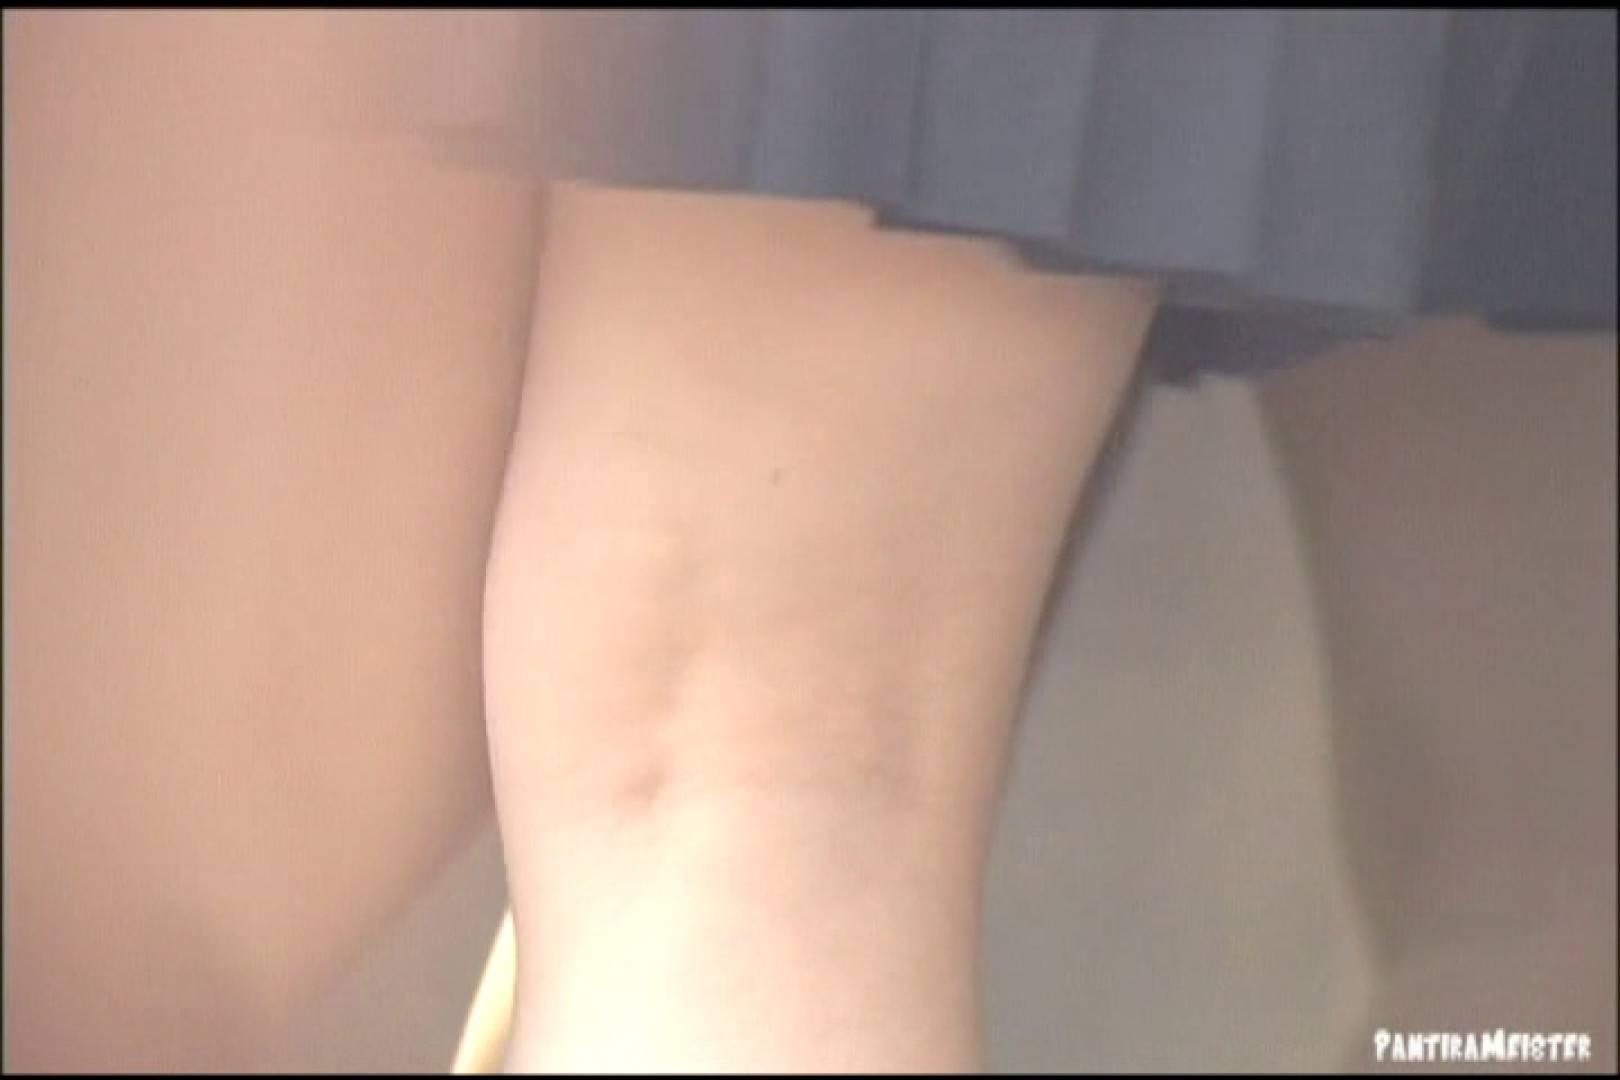 オリジナルパンチラ No.082 チラ見せヌード | パンチラ  83画像 71